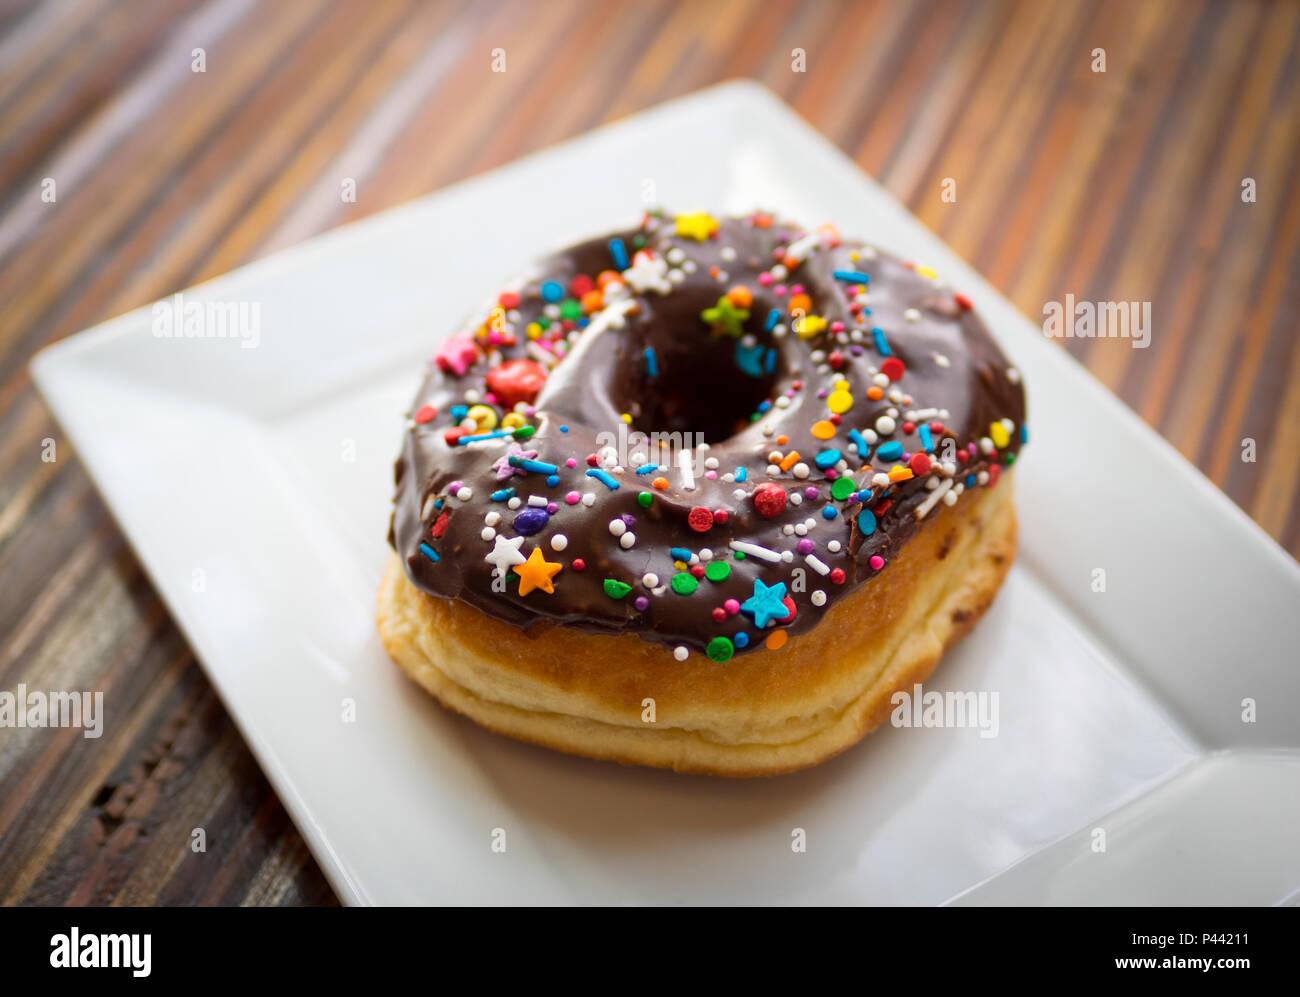 Eine Schokolade Donut mit streuseln von Picknick, ein beliebtes Cafe und Restaurant in Victoria, British Columbia, Kanada. Stockbild